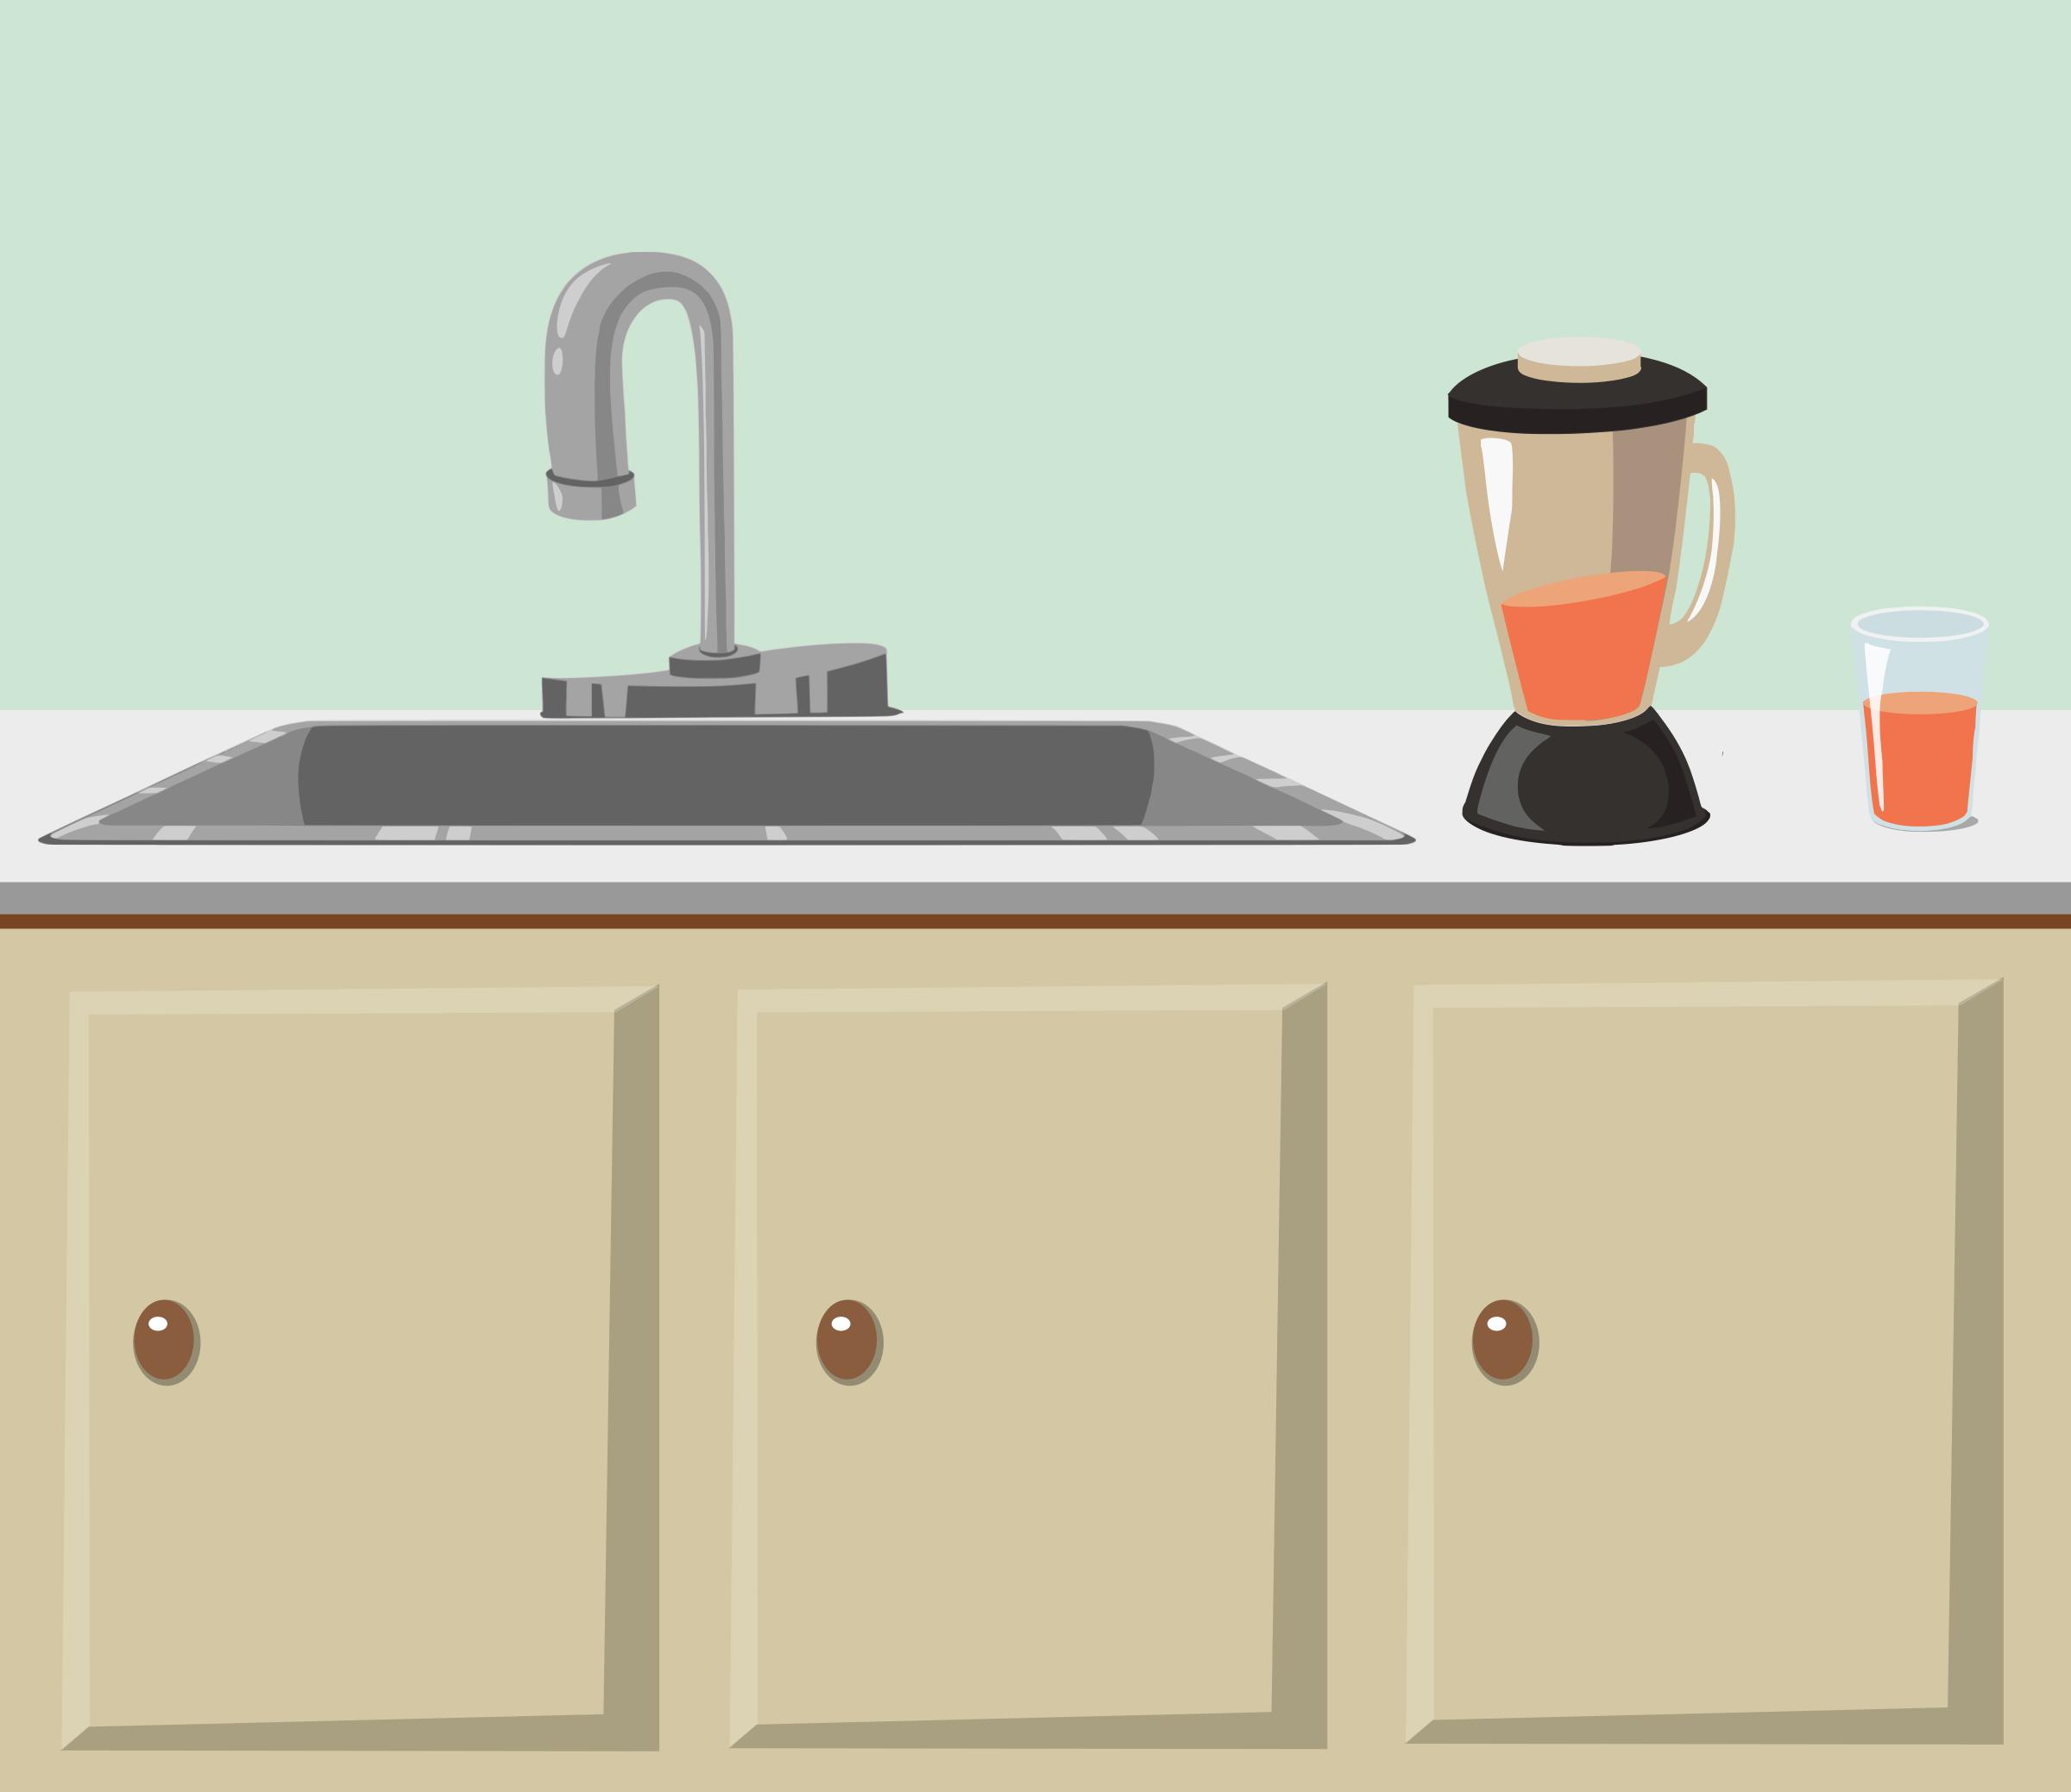 Kitchen clipart kitchen counter Glitch Kitchen sink from counter